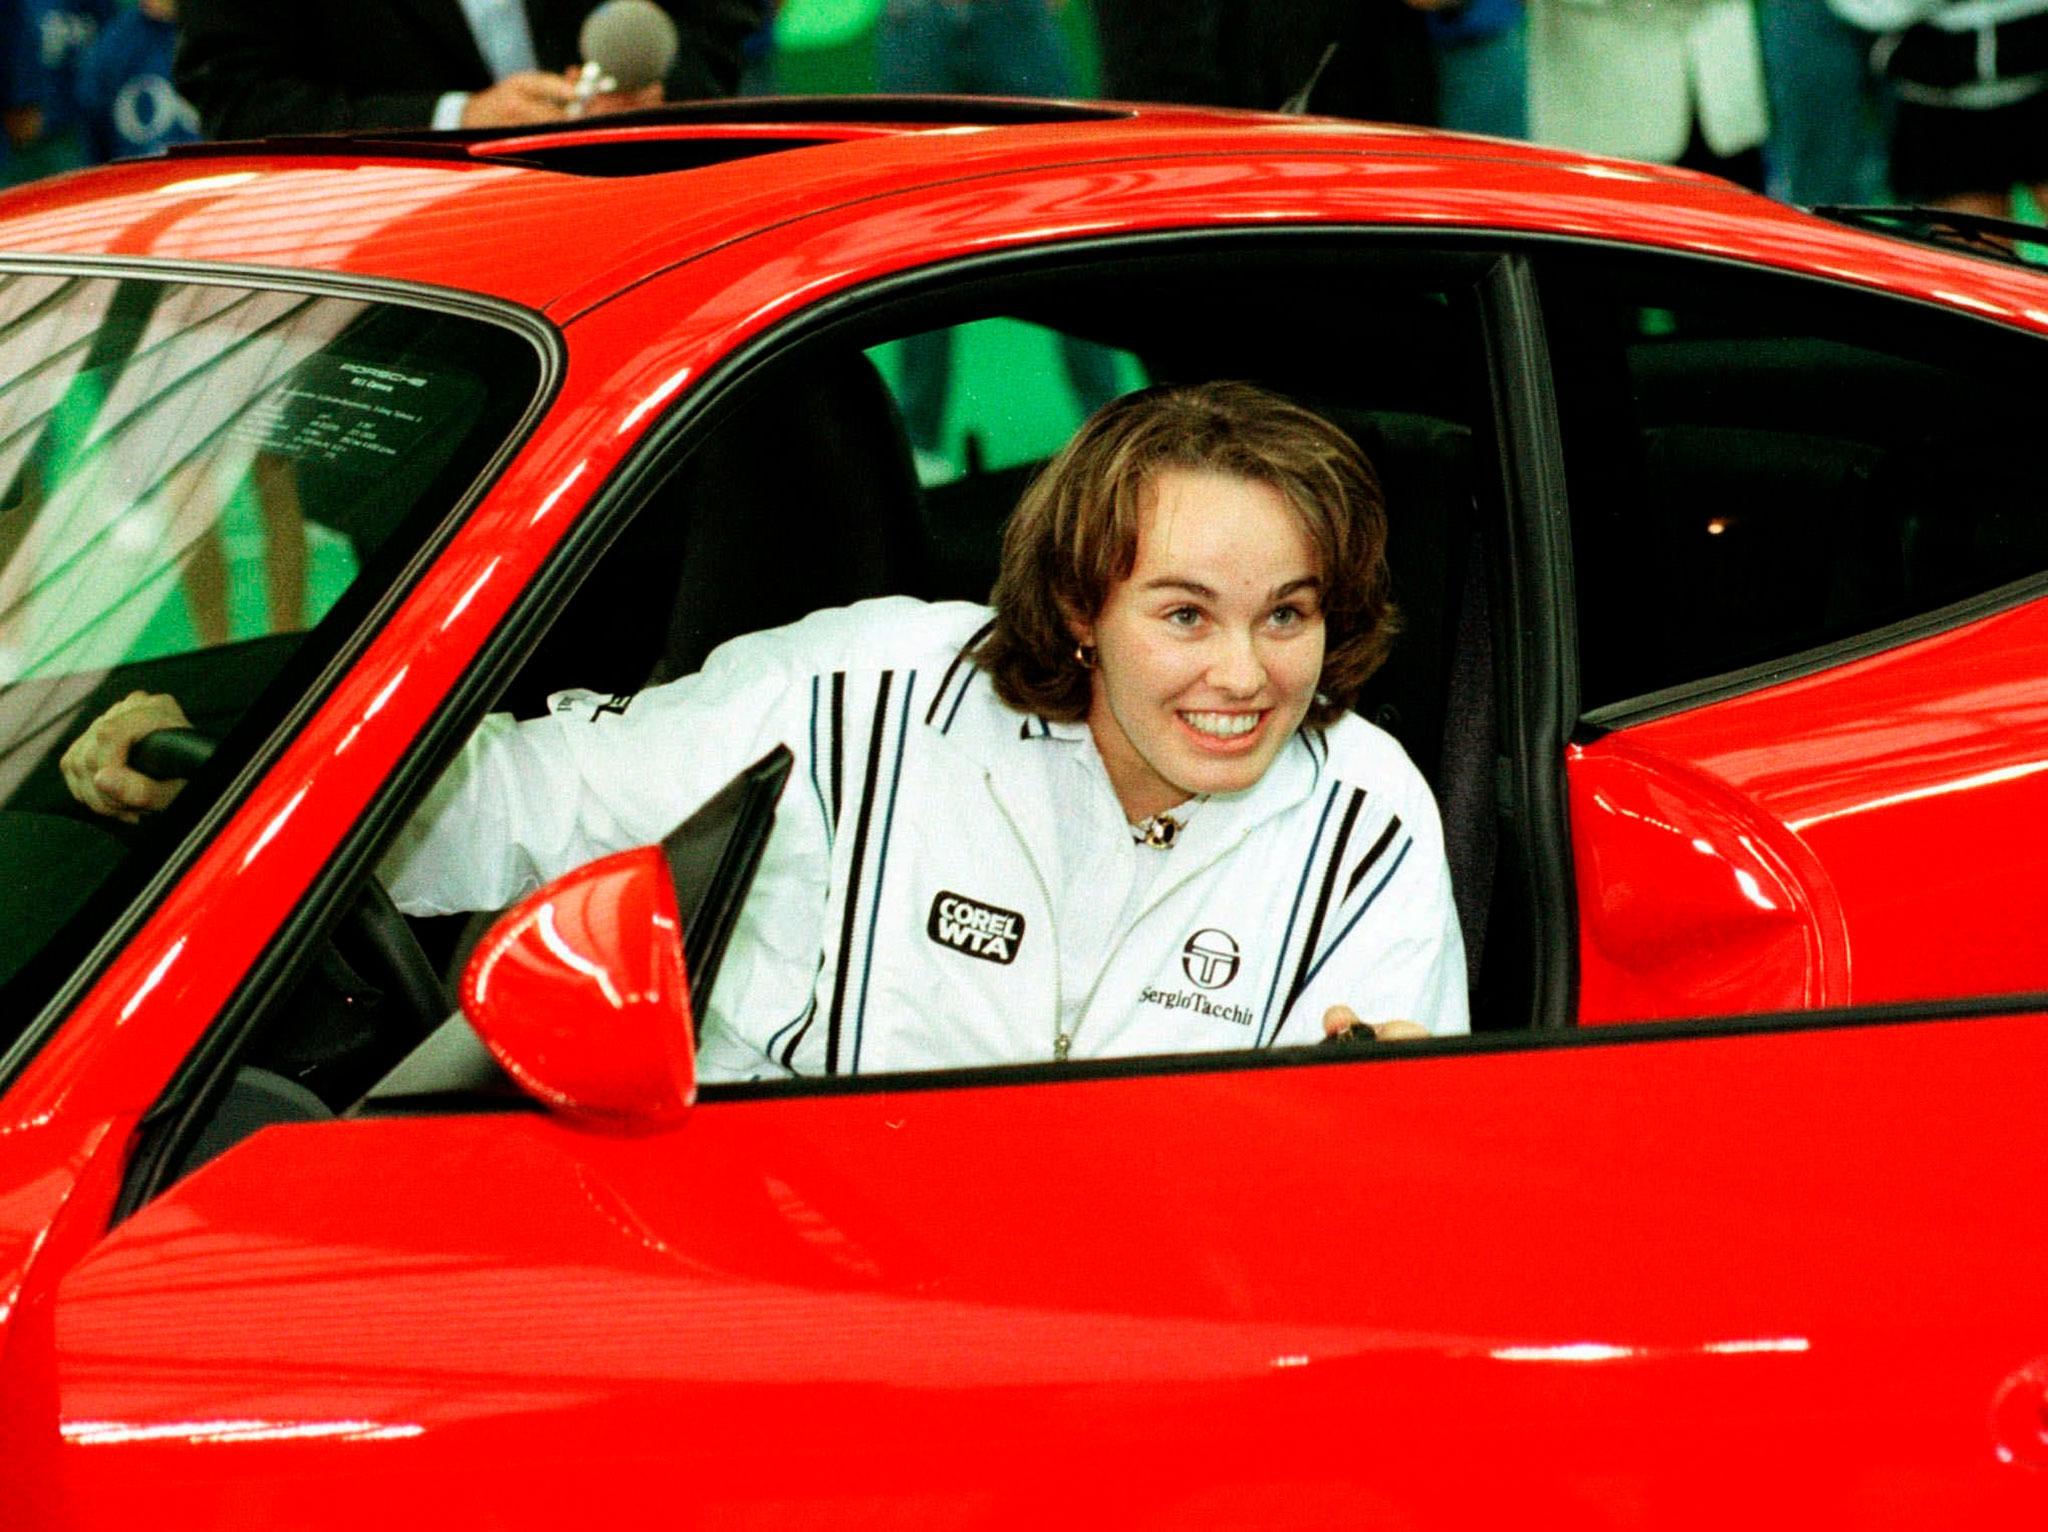 1997 Porsche 911 Type 996 Carrera Coupé Martina Hingis CHF 35 000 - 45 000 - Classique vs Supercar.